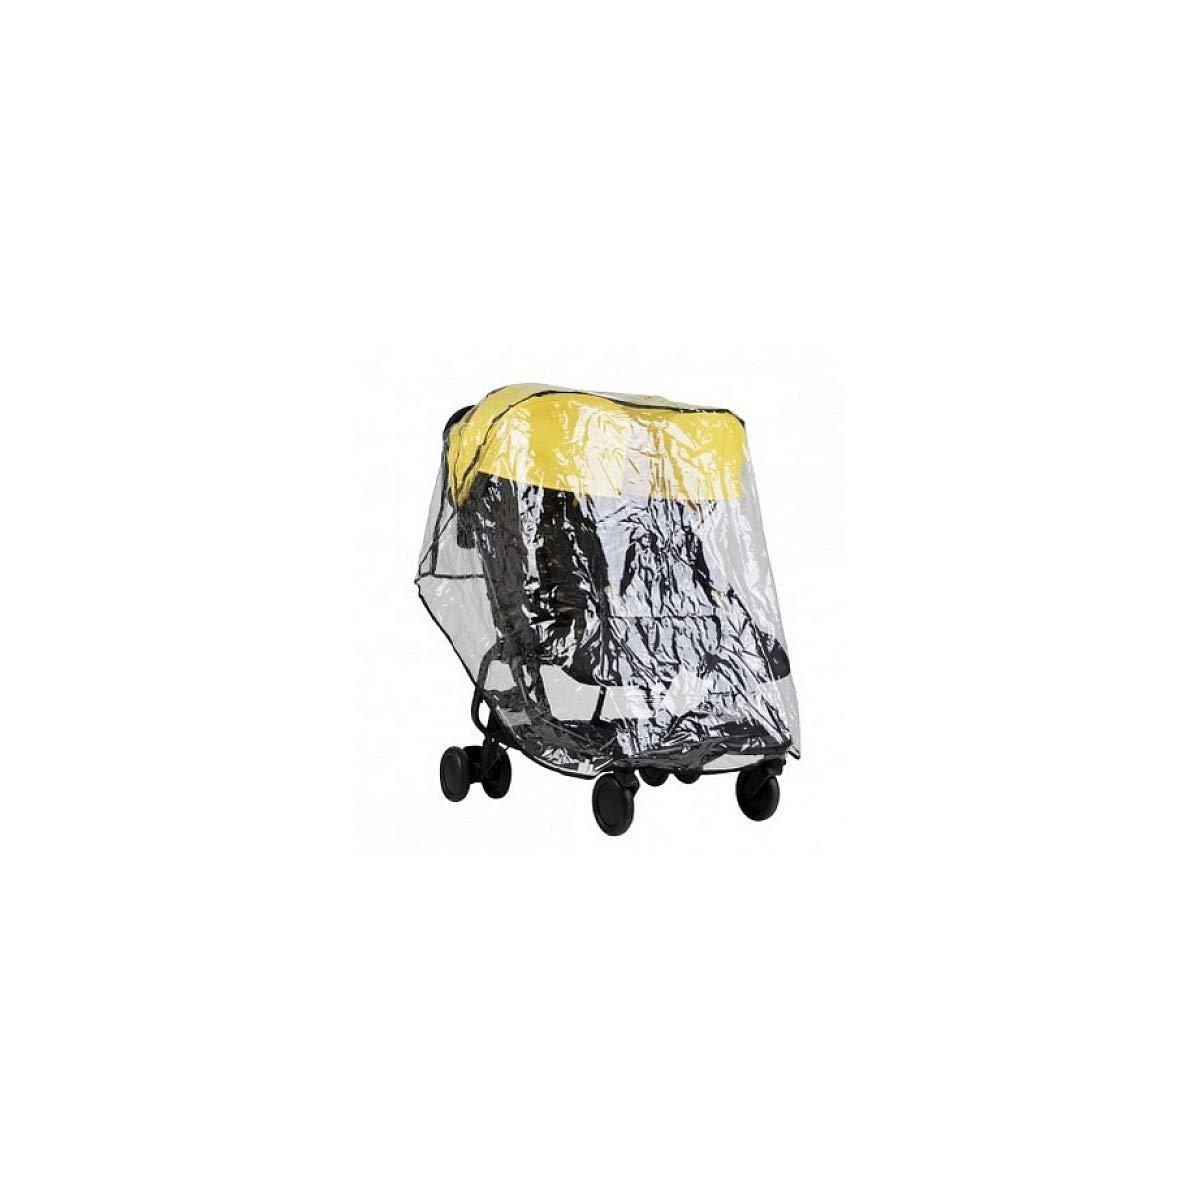 na2sc-v1 - 9999 protección lluvia para cochecito doble Nano ...